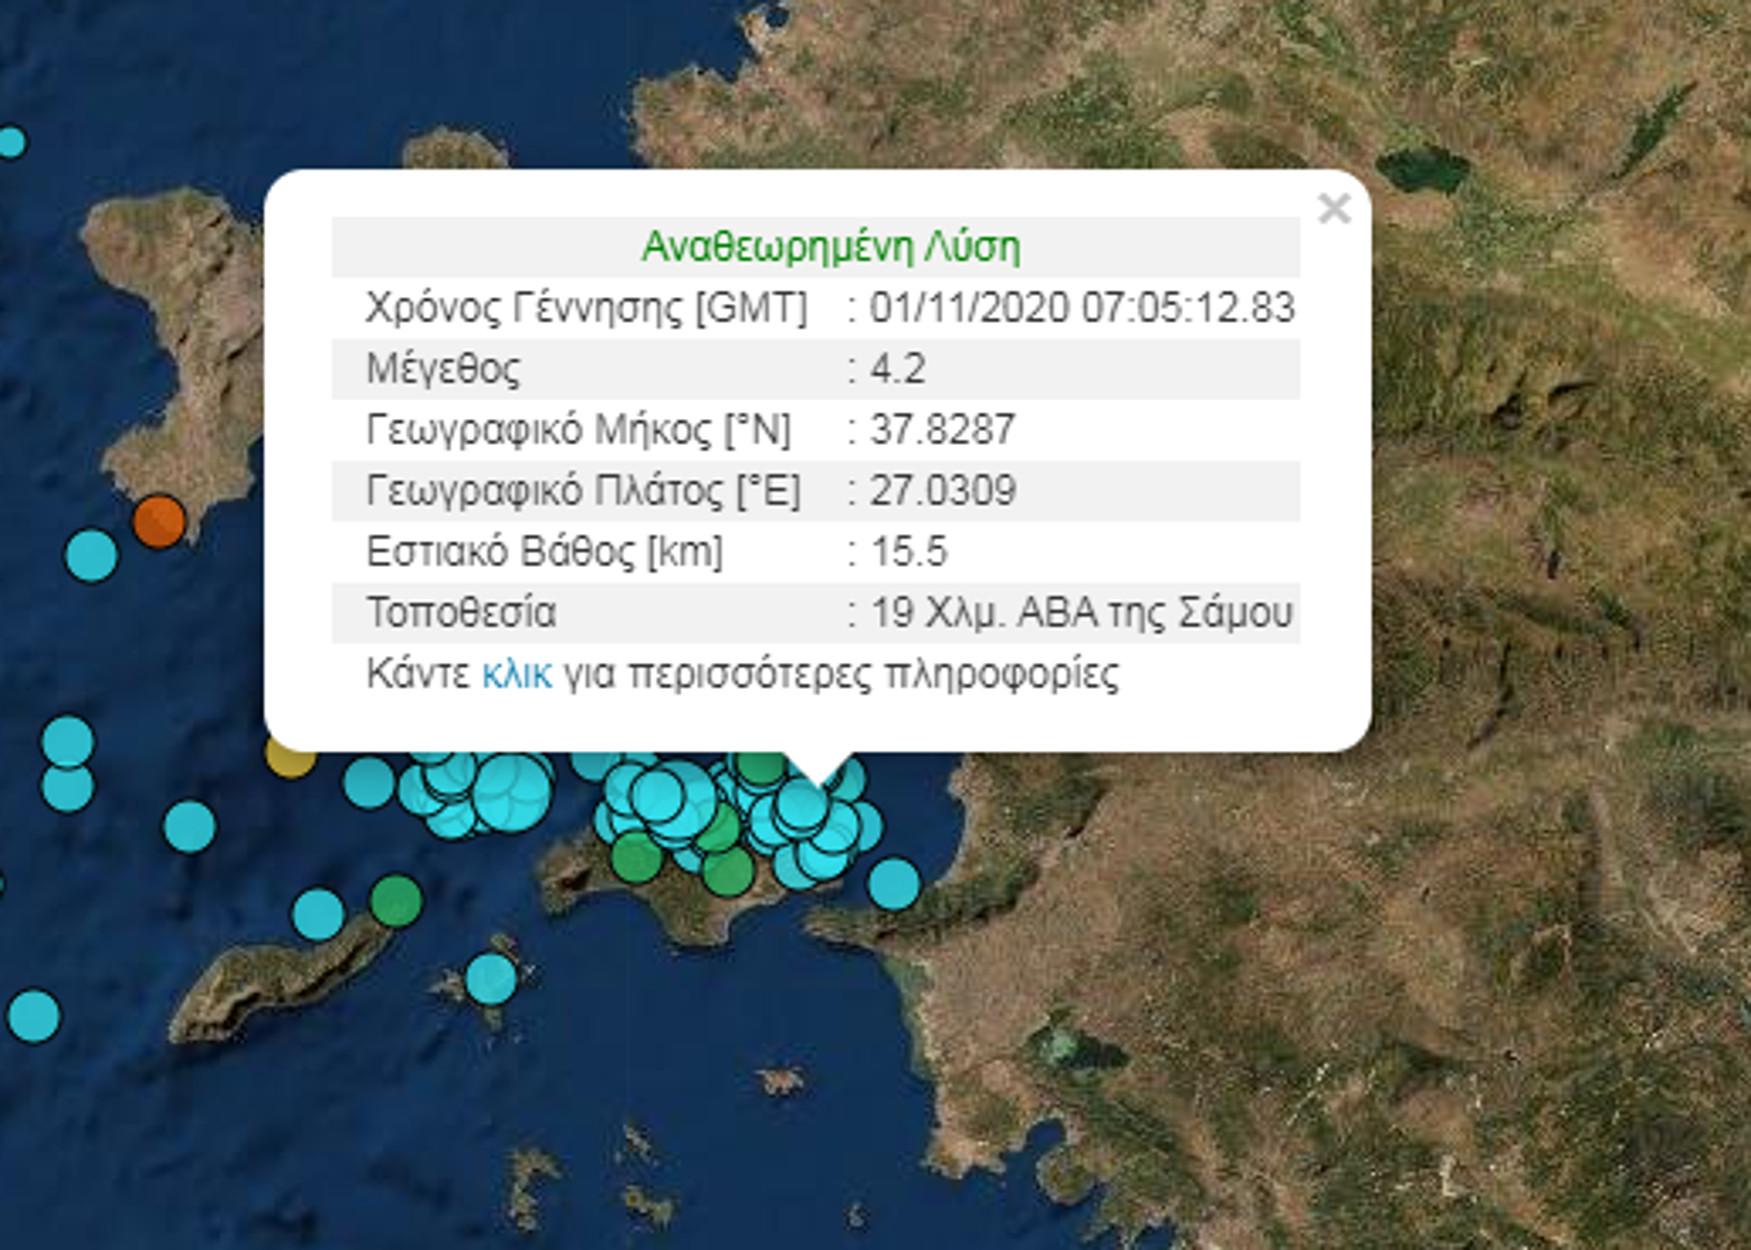 Σάμος: Πάνω από 30 σεισμοί από το απόγευμα του Σαββάτου μέχρι το πρωί της Κυριακής – Μέχρι 4,2 Ρίχτερ